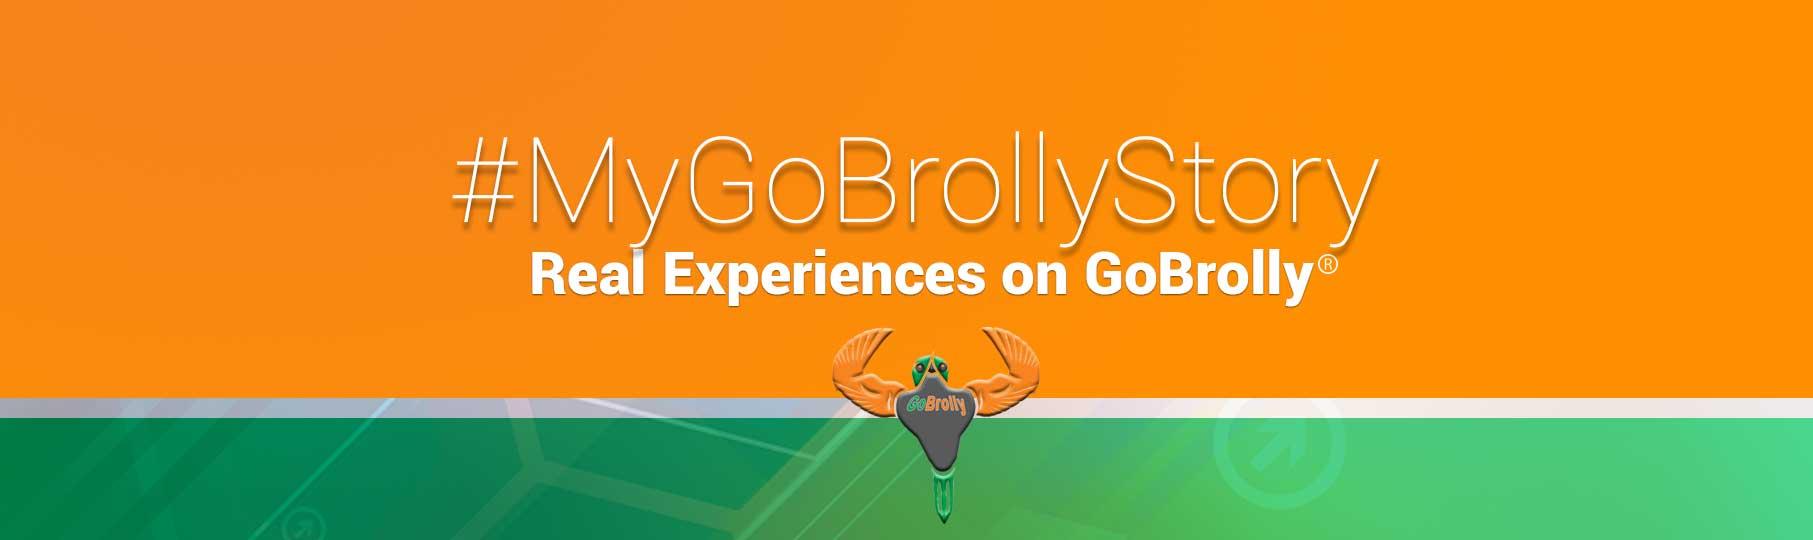 #MyGoBrollyStory